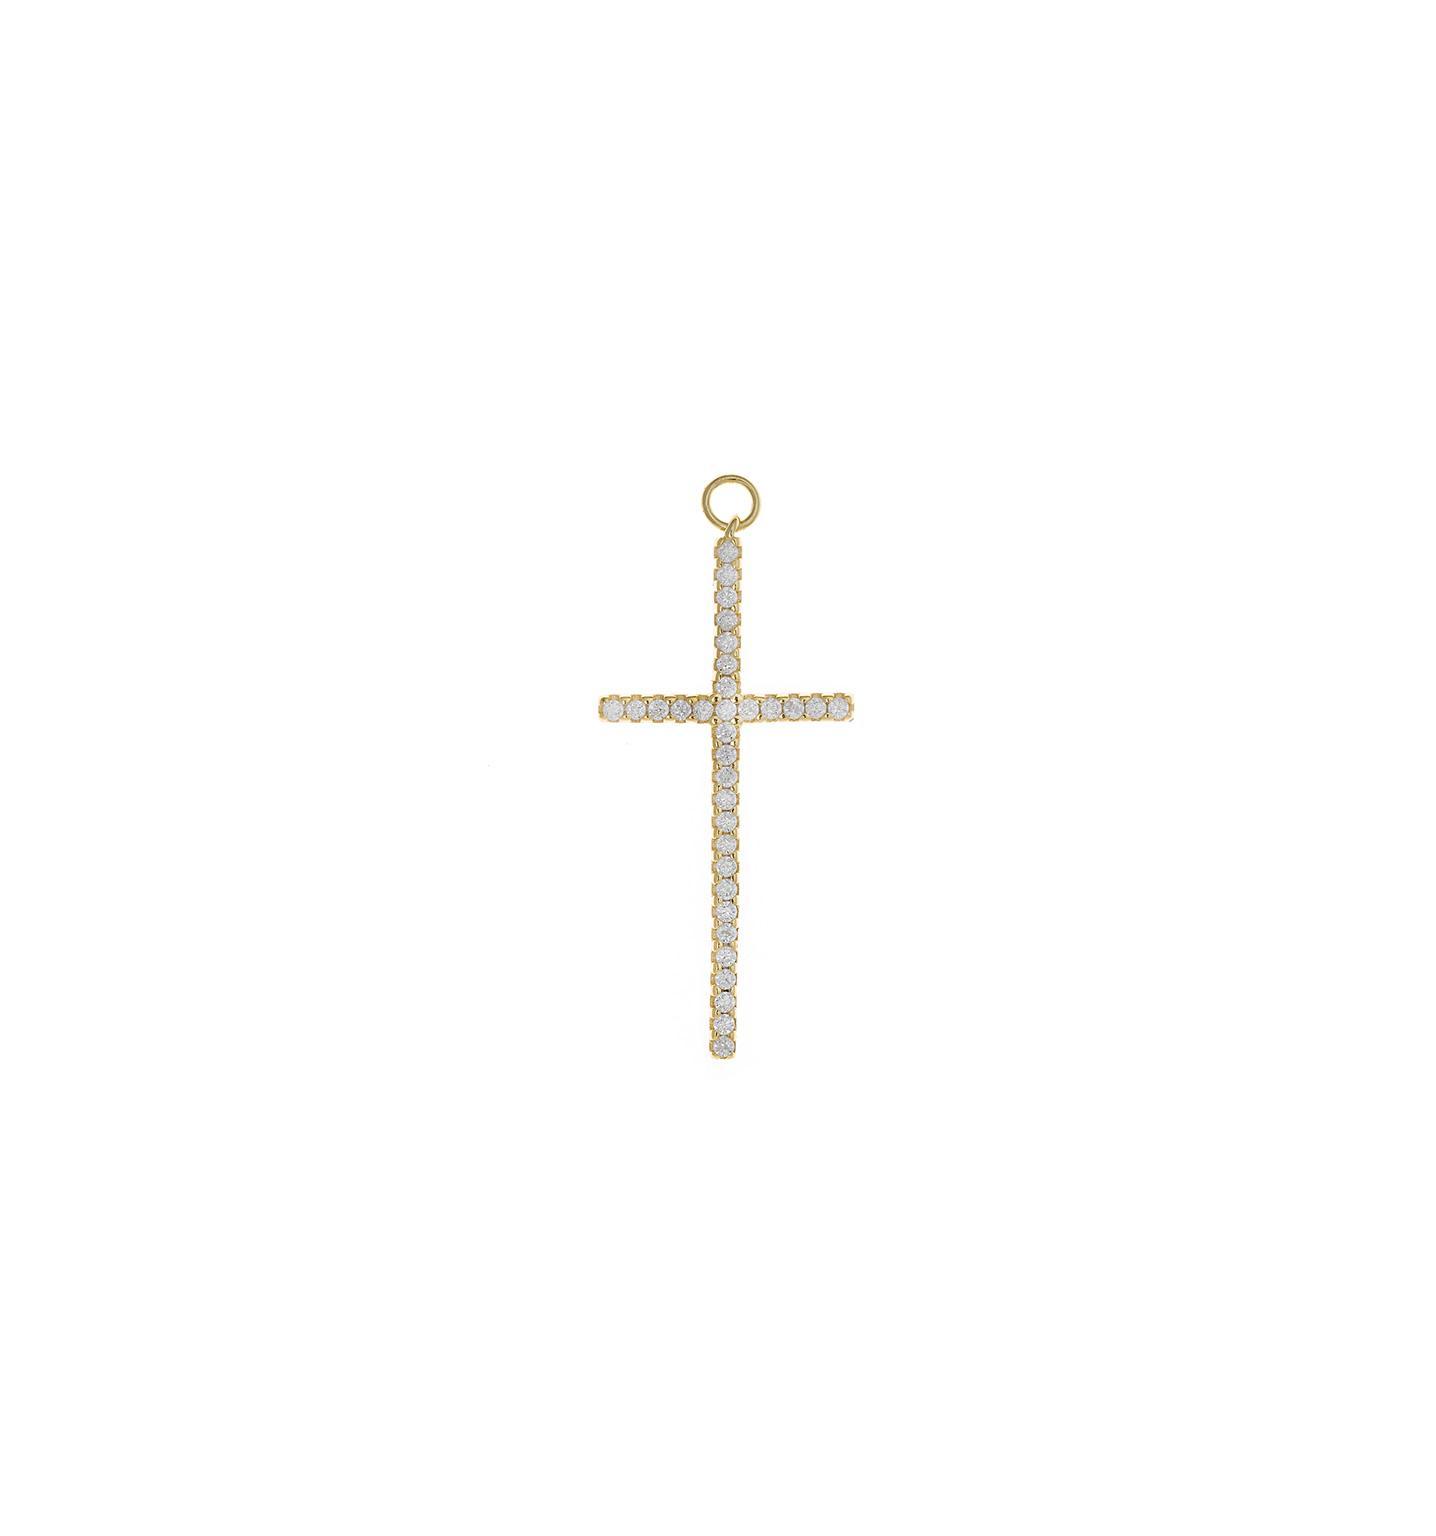 Charm  plata Salvatore cruz grande con circonitas blancas dorado